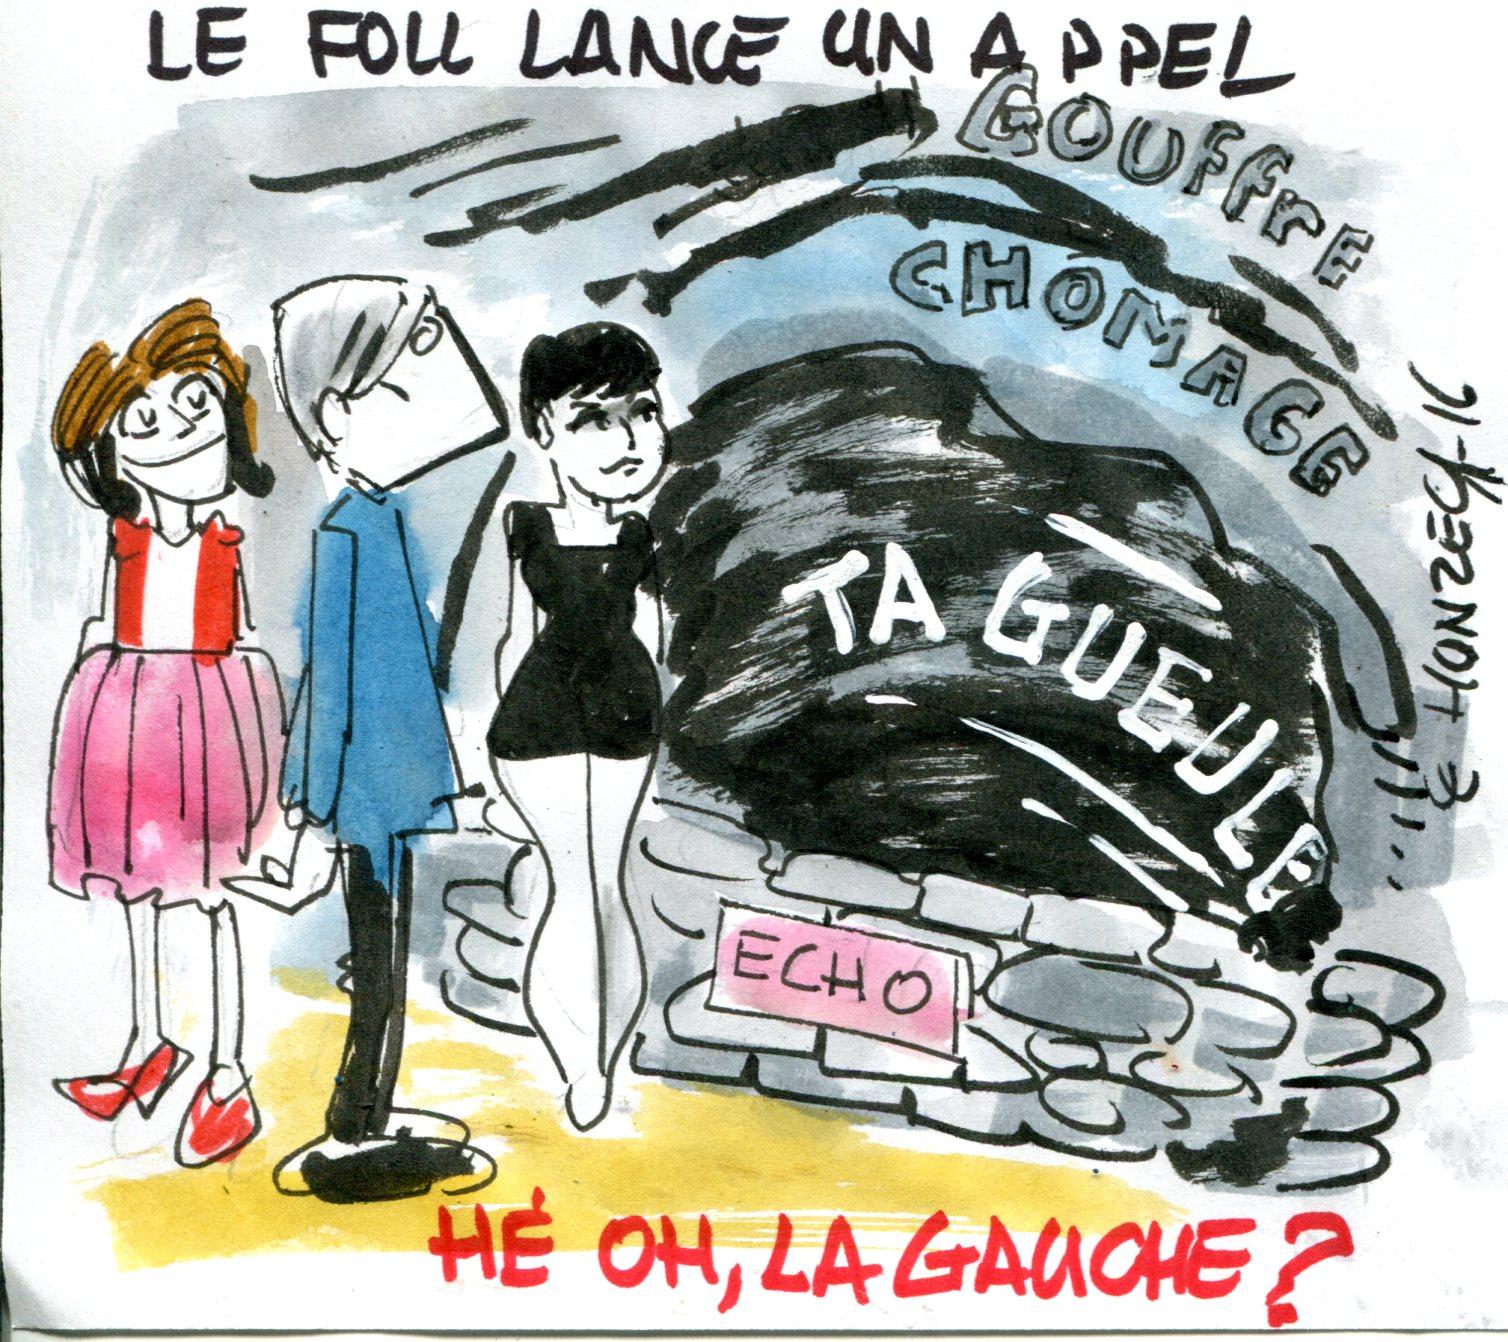 Stéphane Le Foll lance un appel